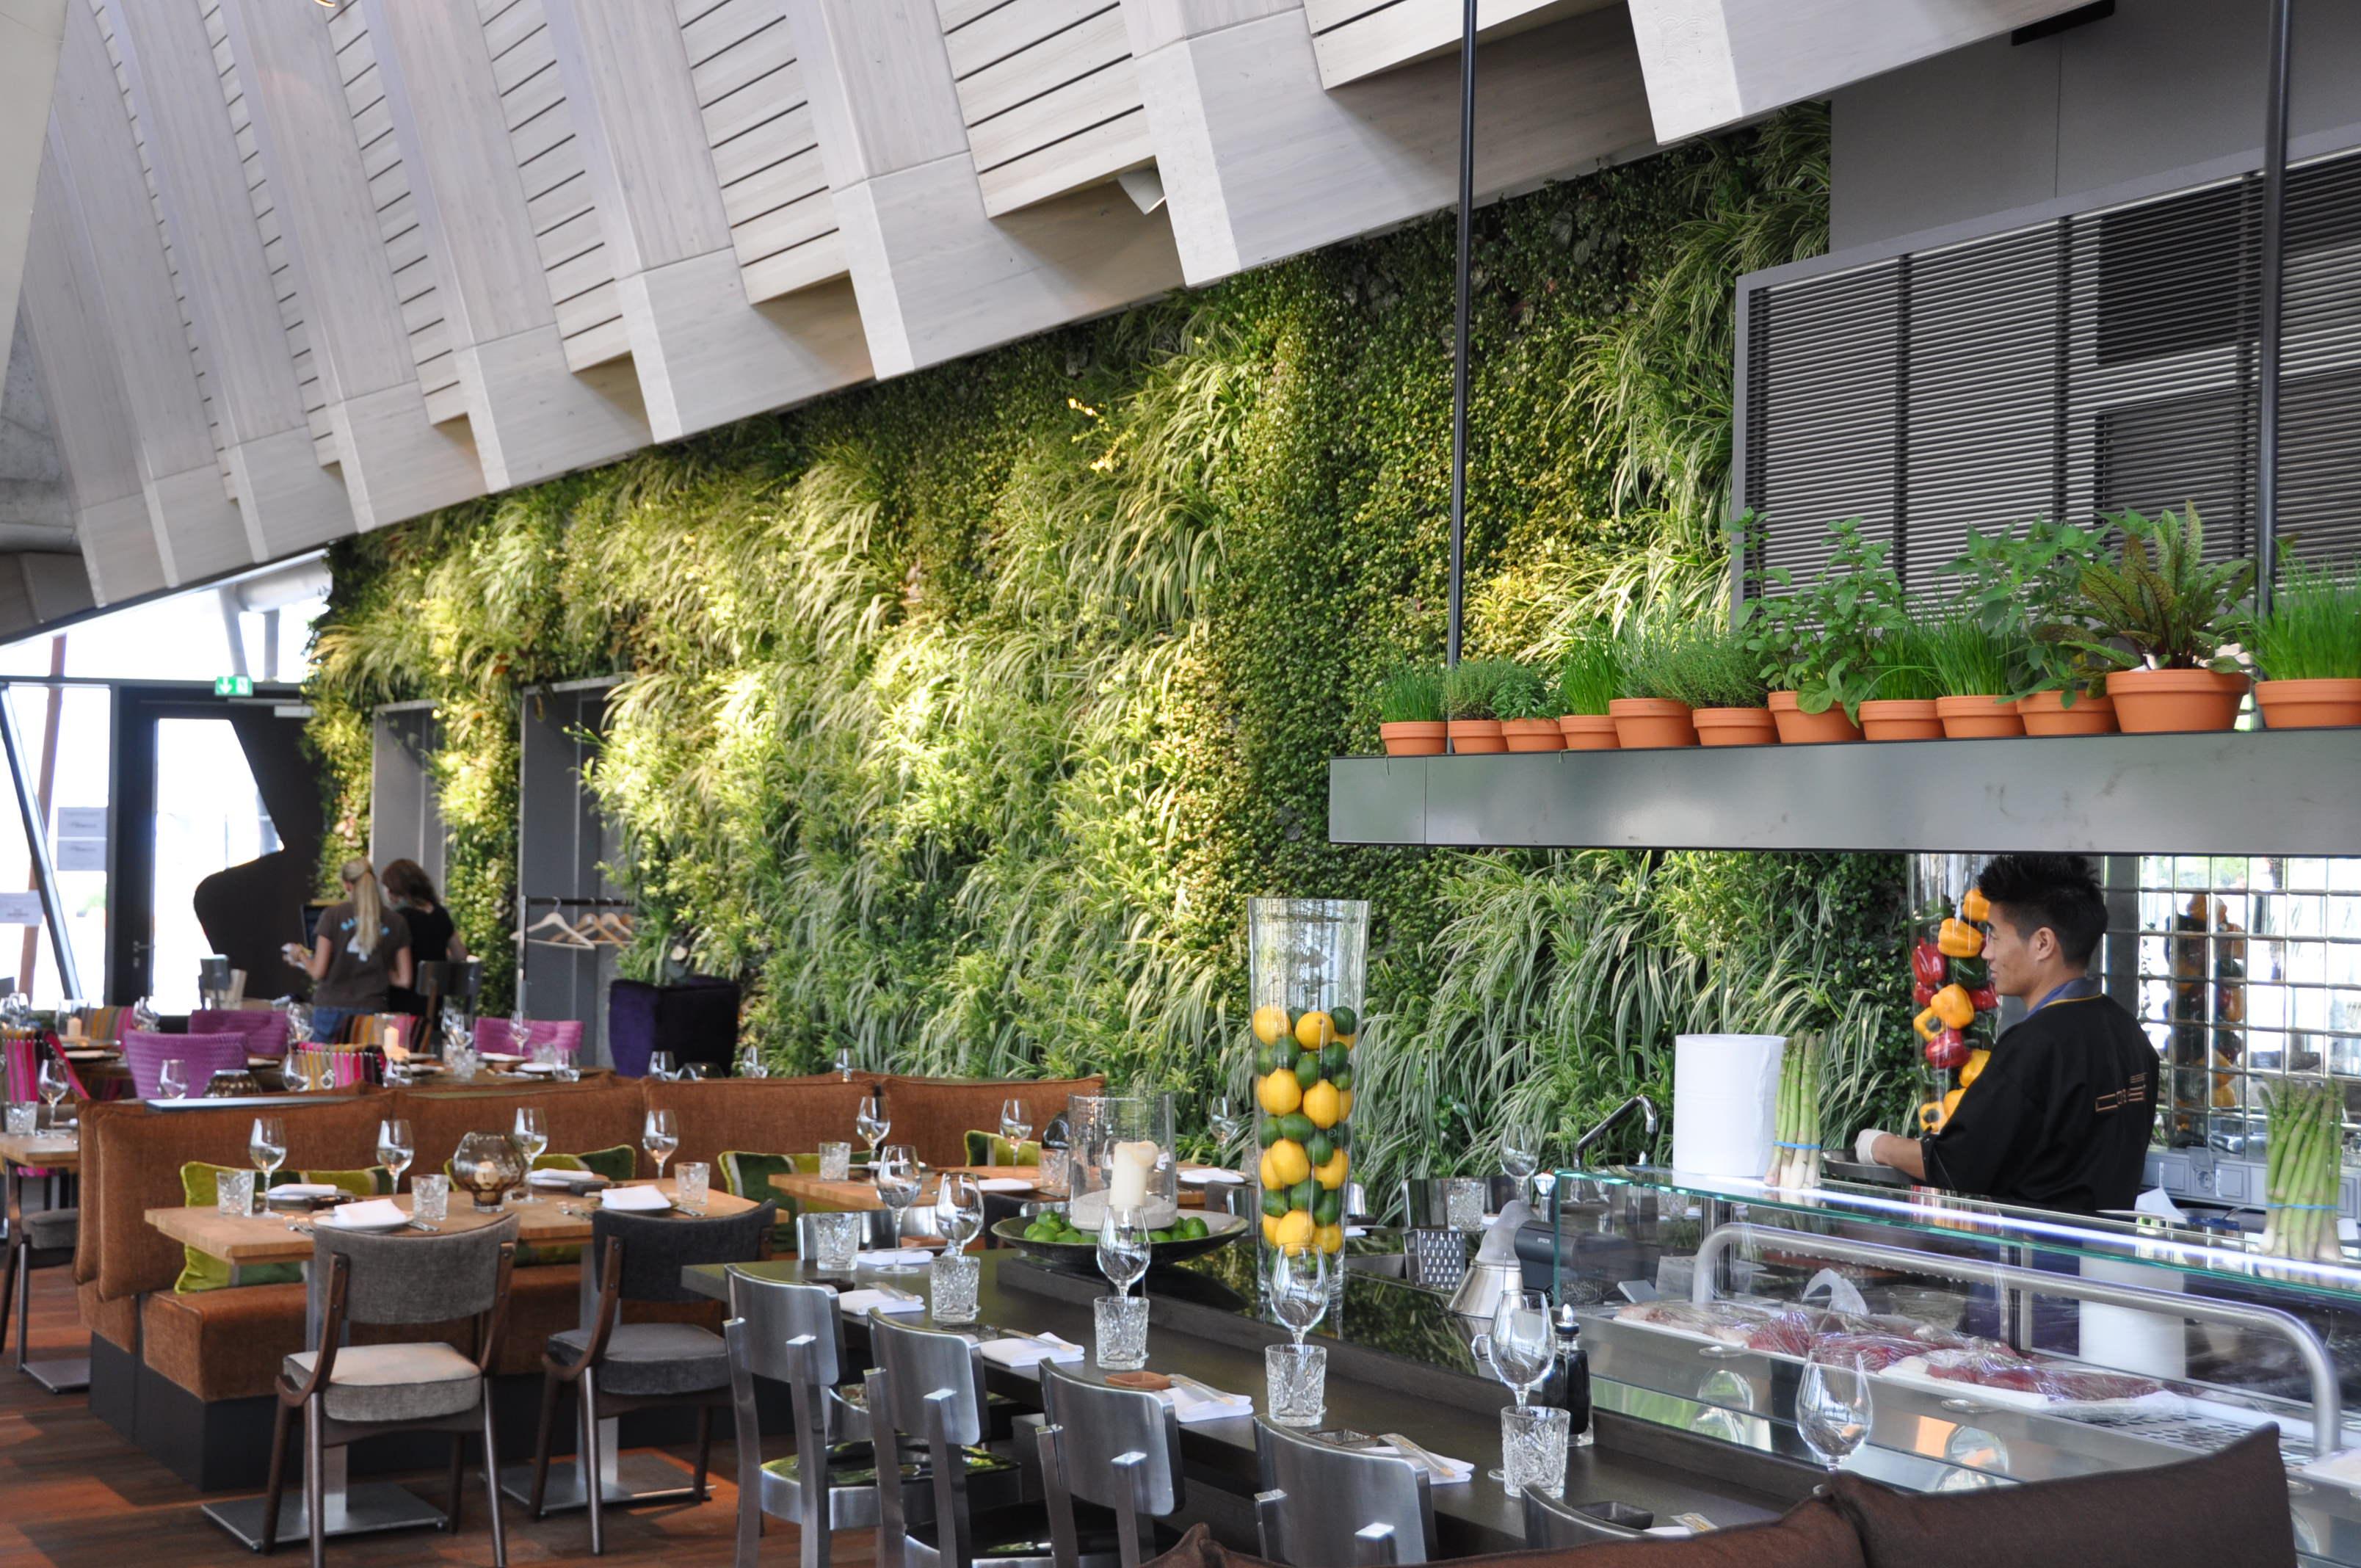 Salon equip hotel visitez notre stand g osynth tique for Cafe du jardin restaurant covent garden